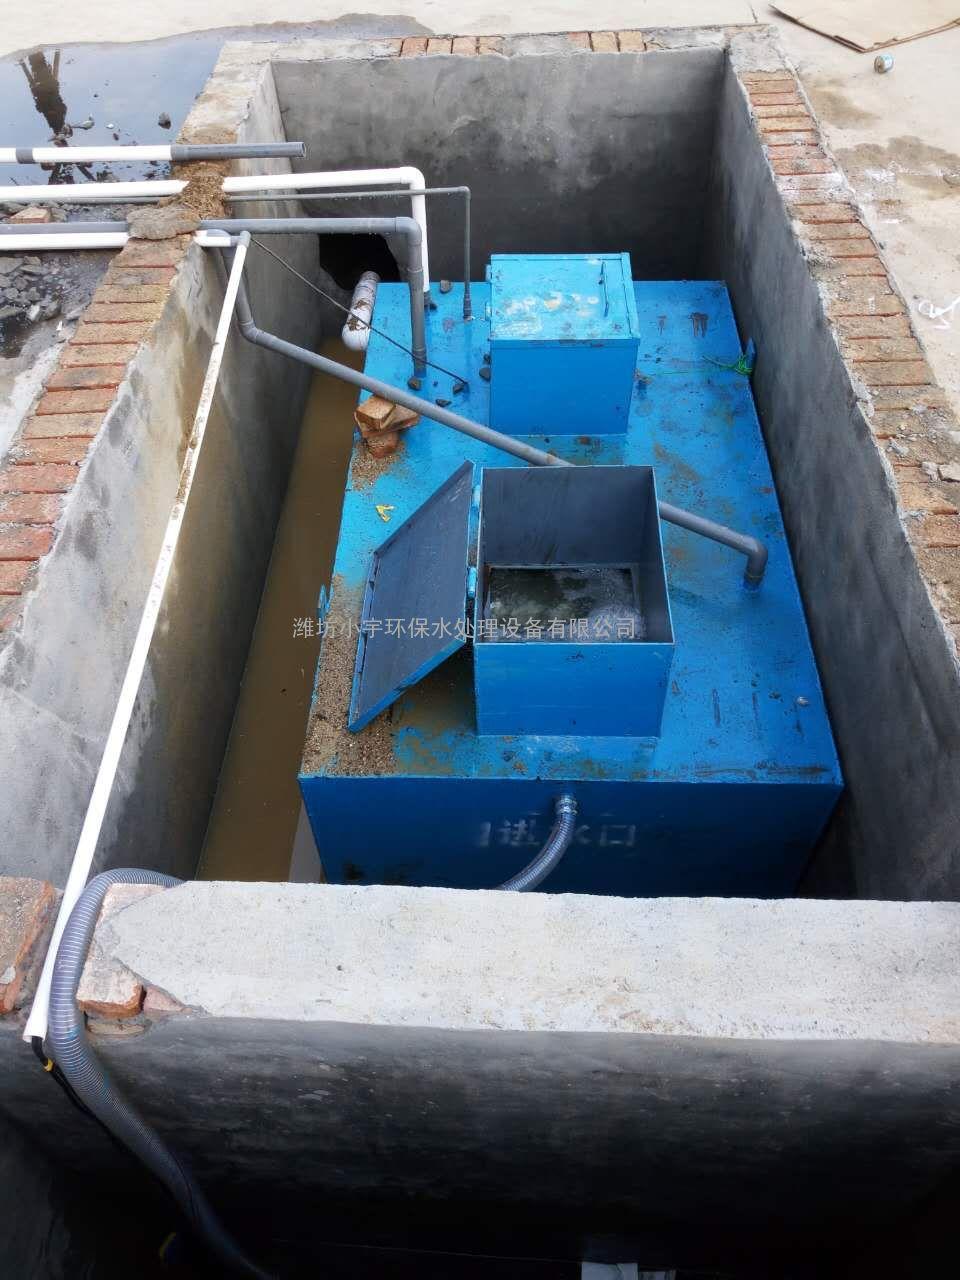 高速公路服务区污水处理设备一体化